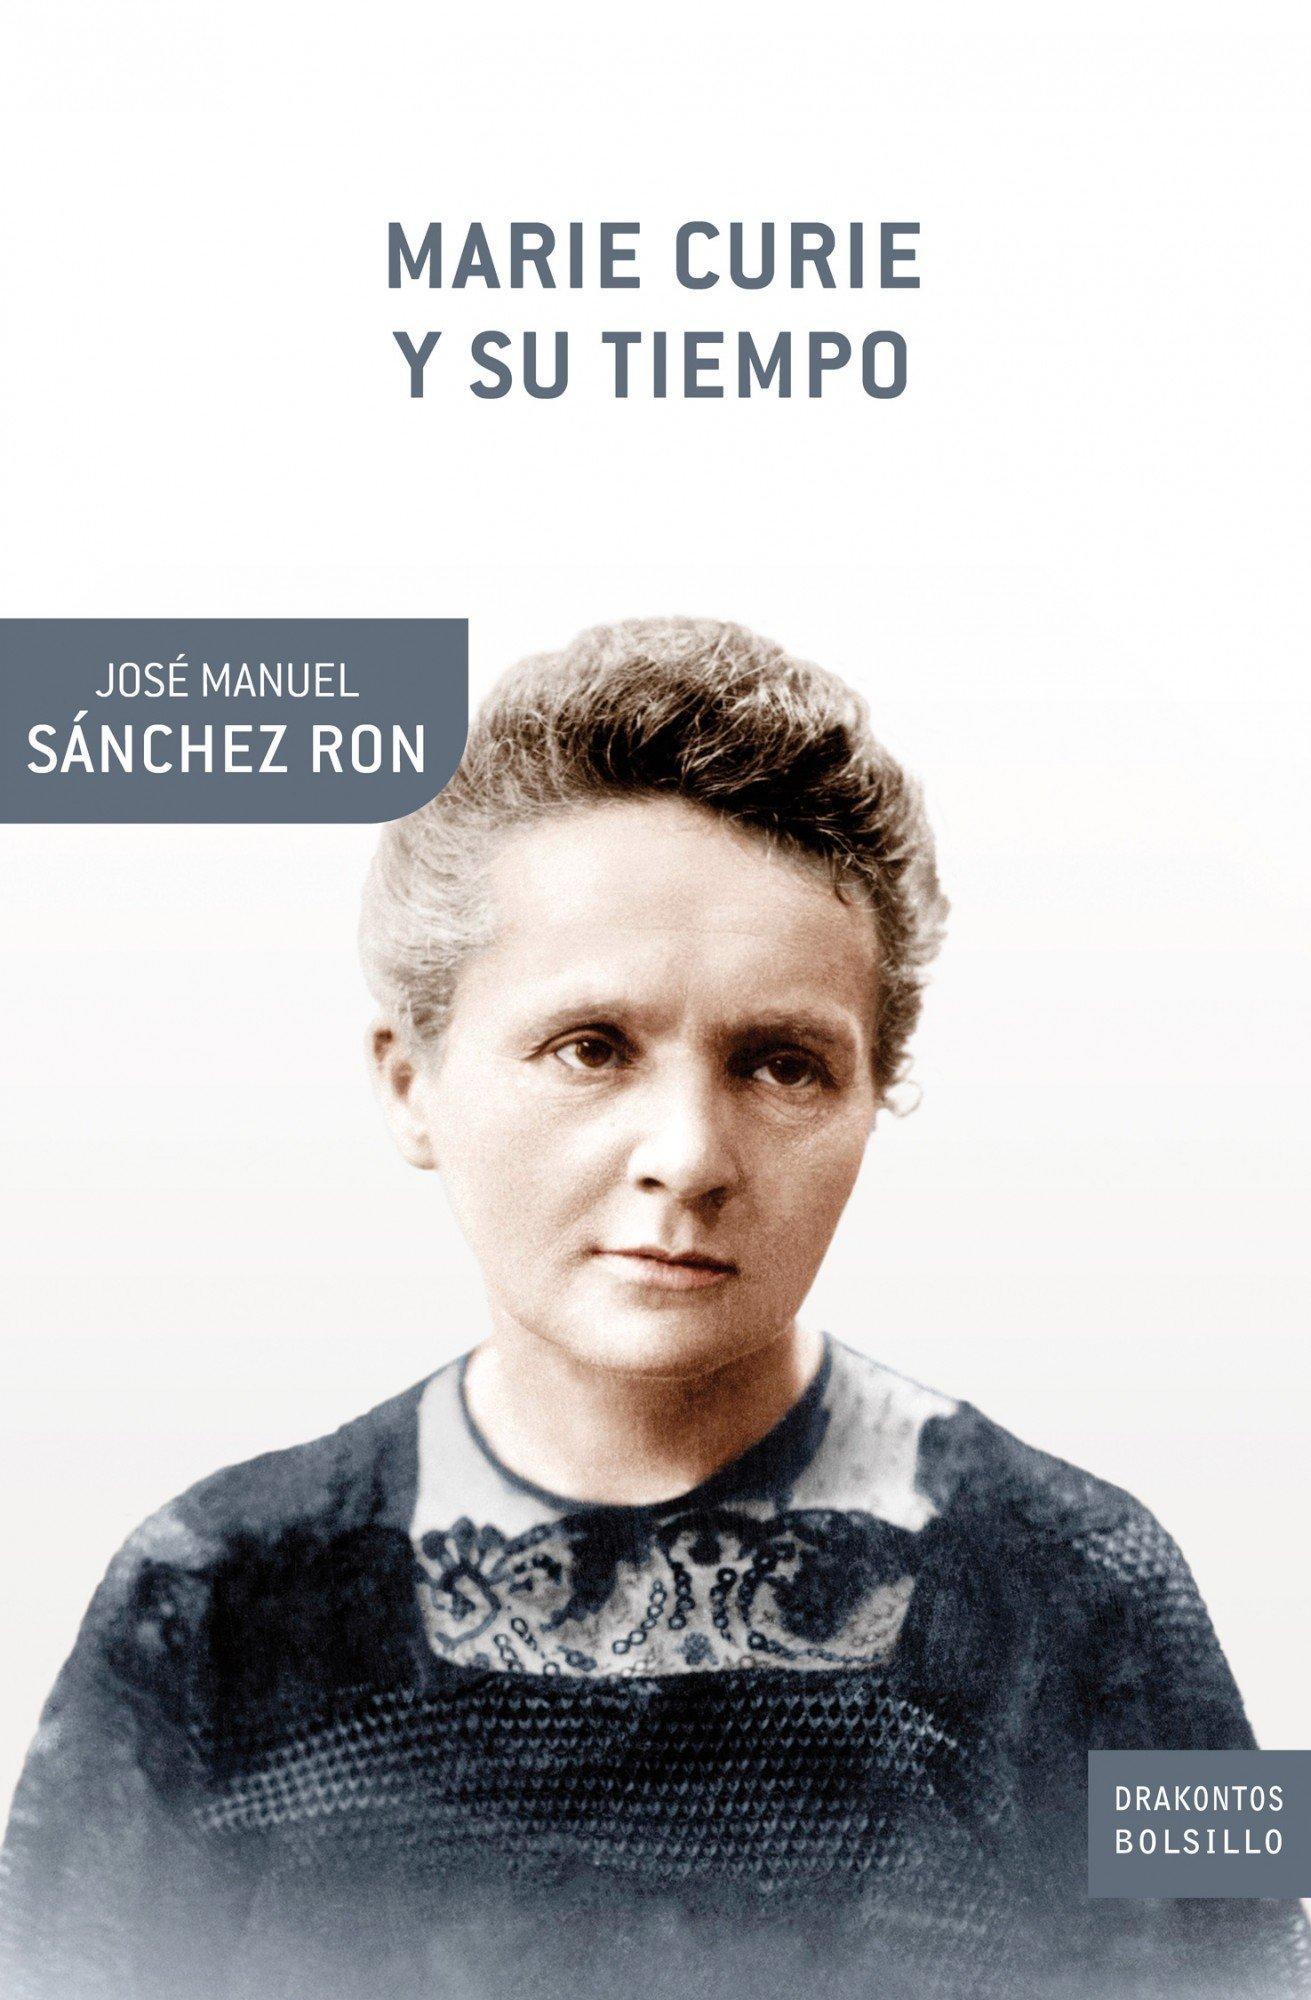 Marie Curie y su tiempo (Drakontos Bolsillo): Amazon.es ...